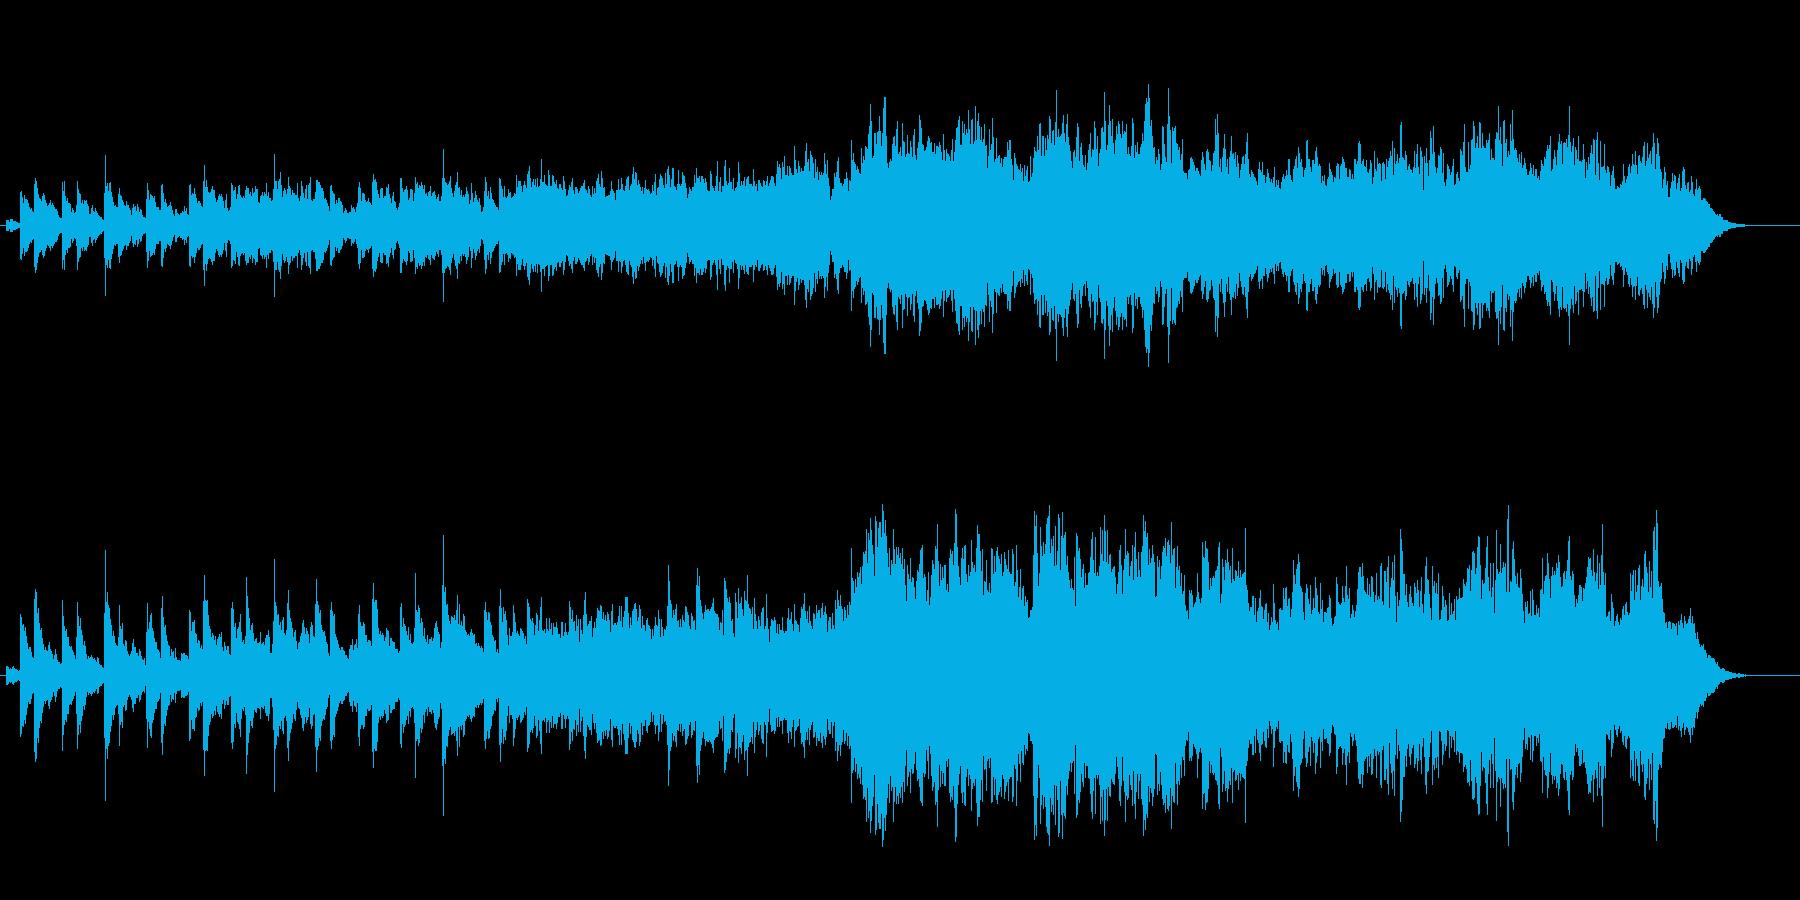 宇宙の浮遊感が幻想的なアンビエントBGの再生済みの波形